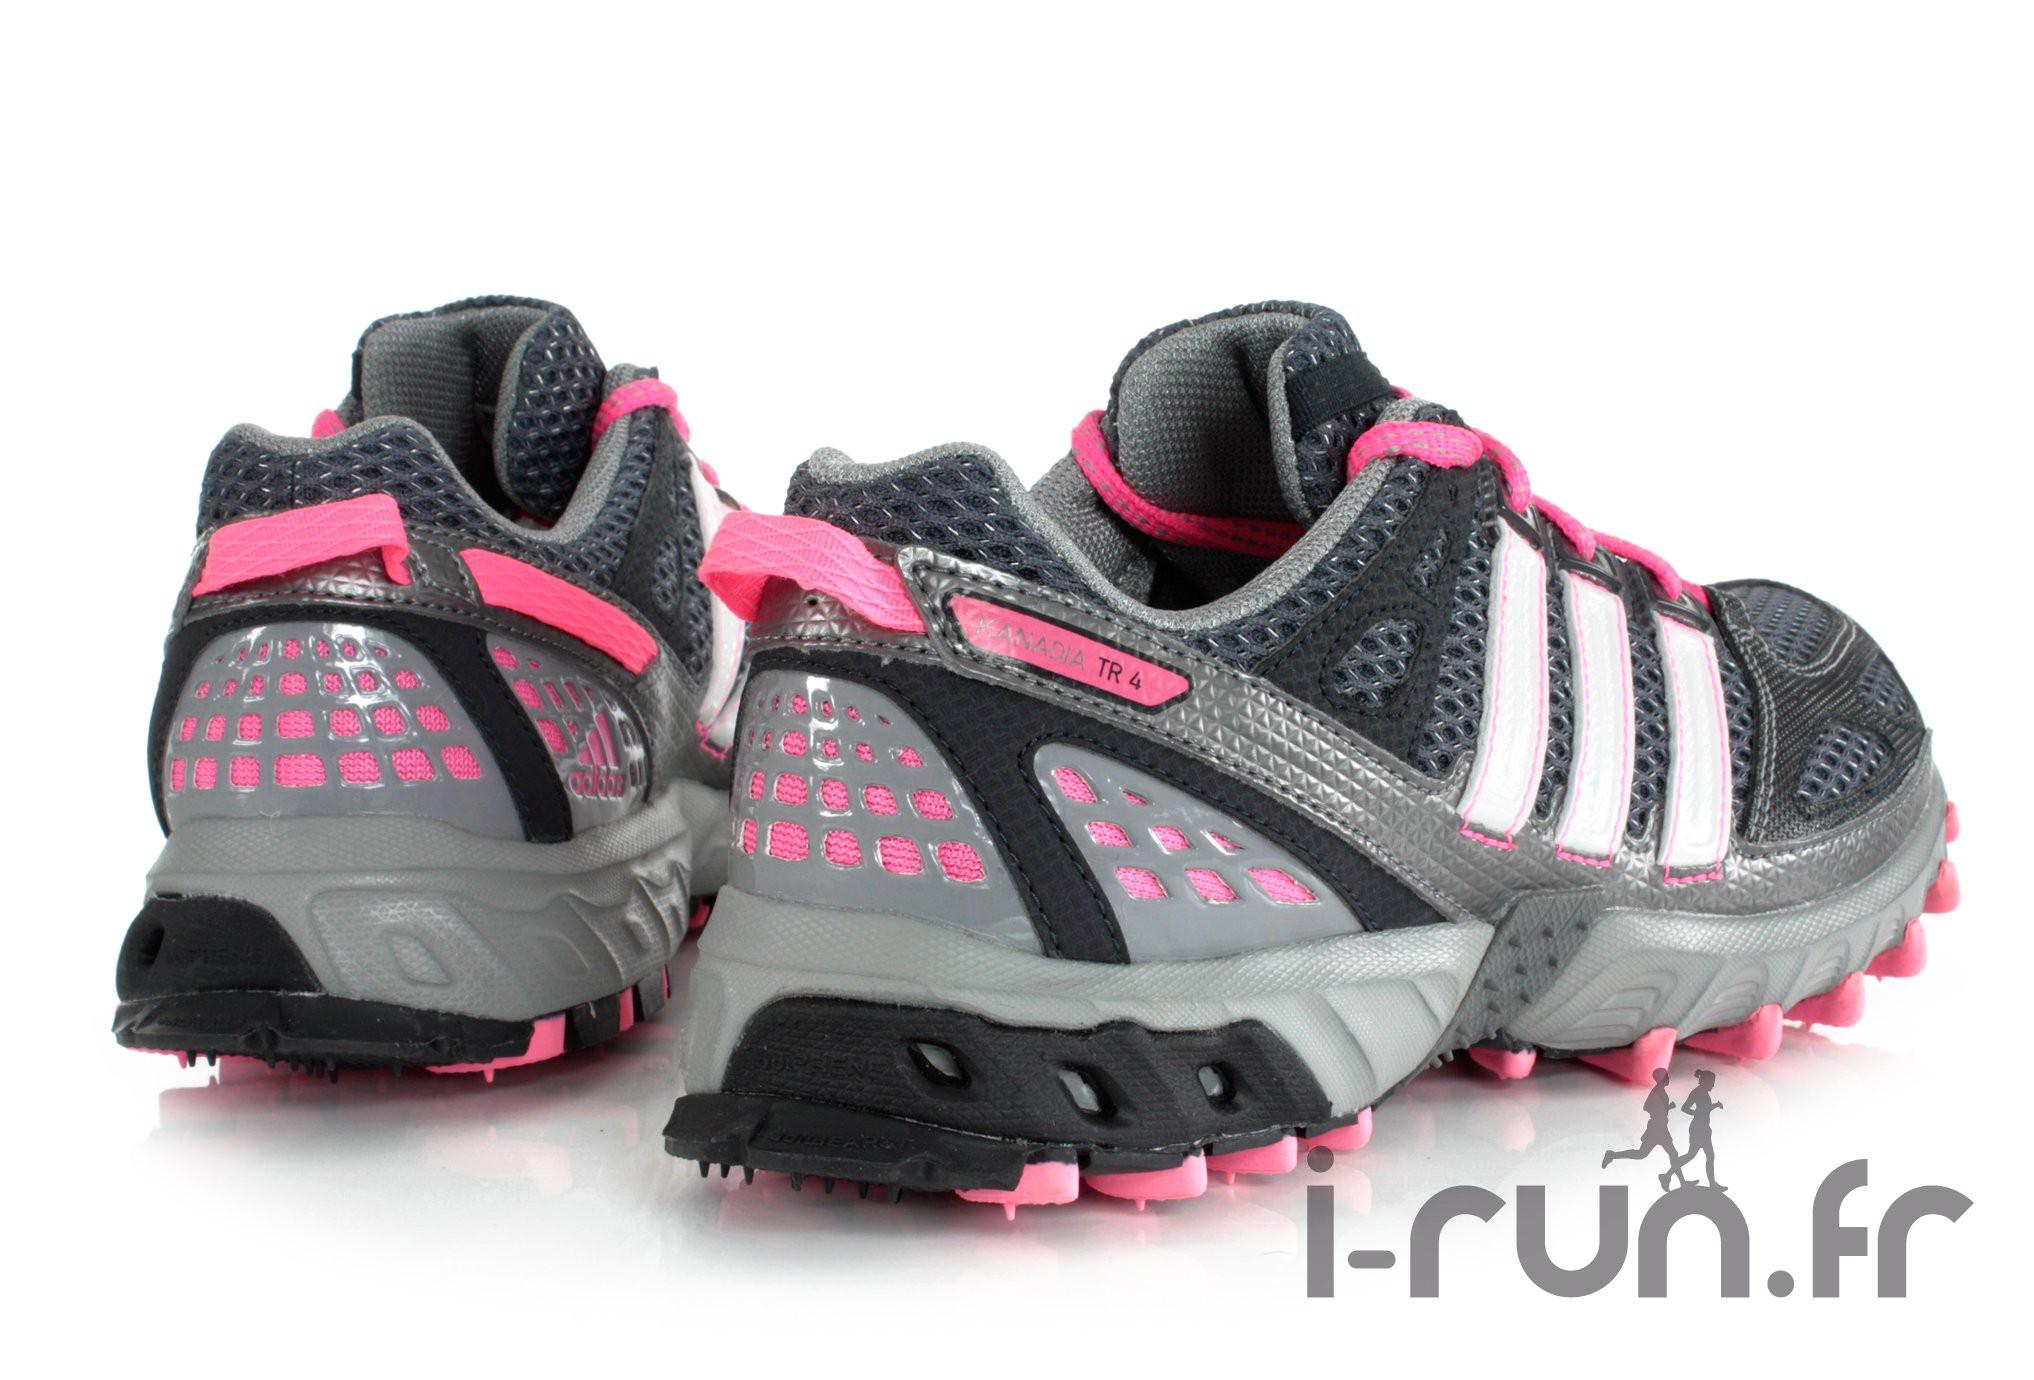 meilleur service cfb64 1d308 Avis Chaussures Running Chaussures Adidas Avis Running ARLj354